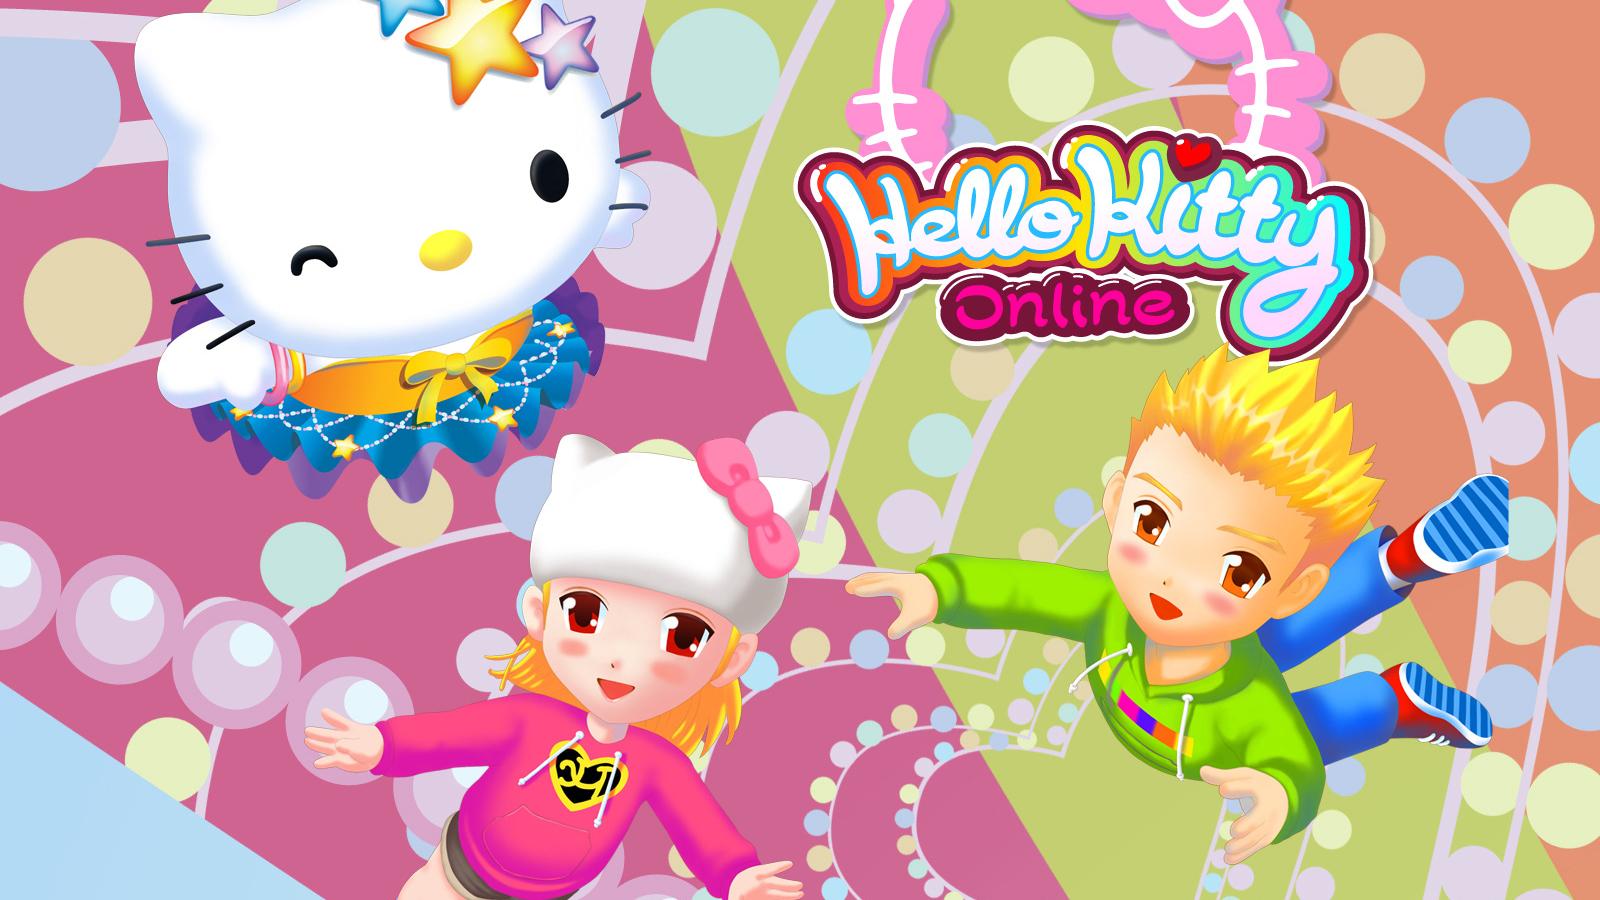 Free Download Lucu Koleksi Gambar Wallpaper Boneka Lucu Koleksi